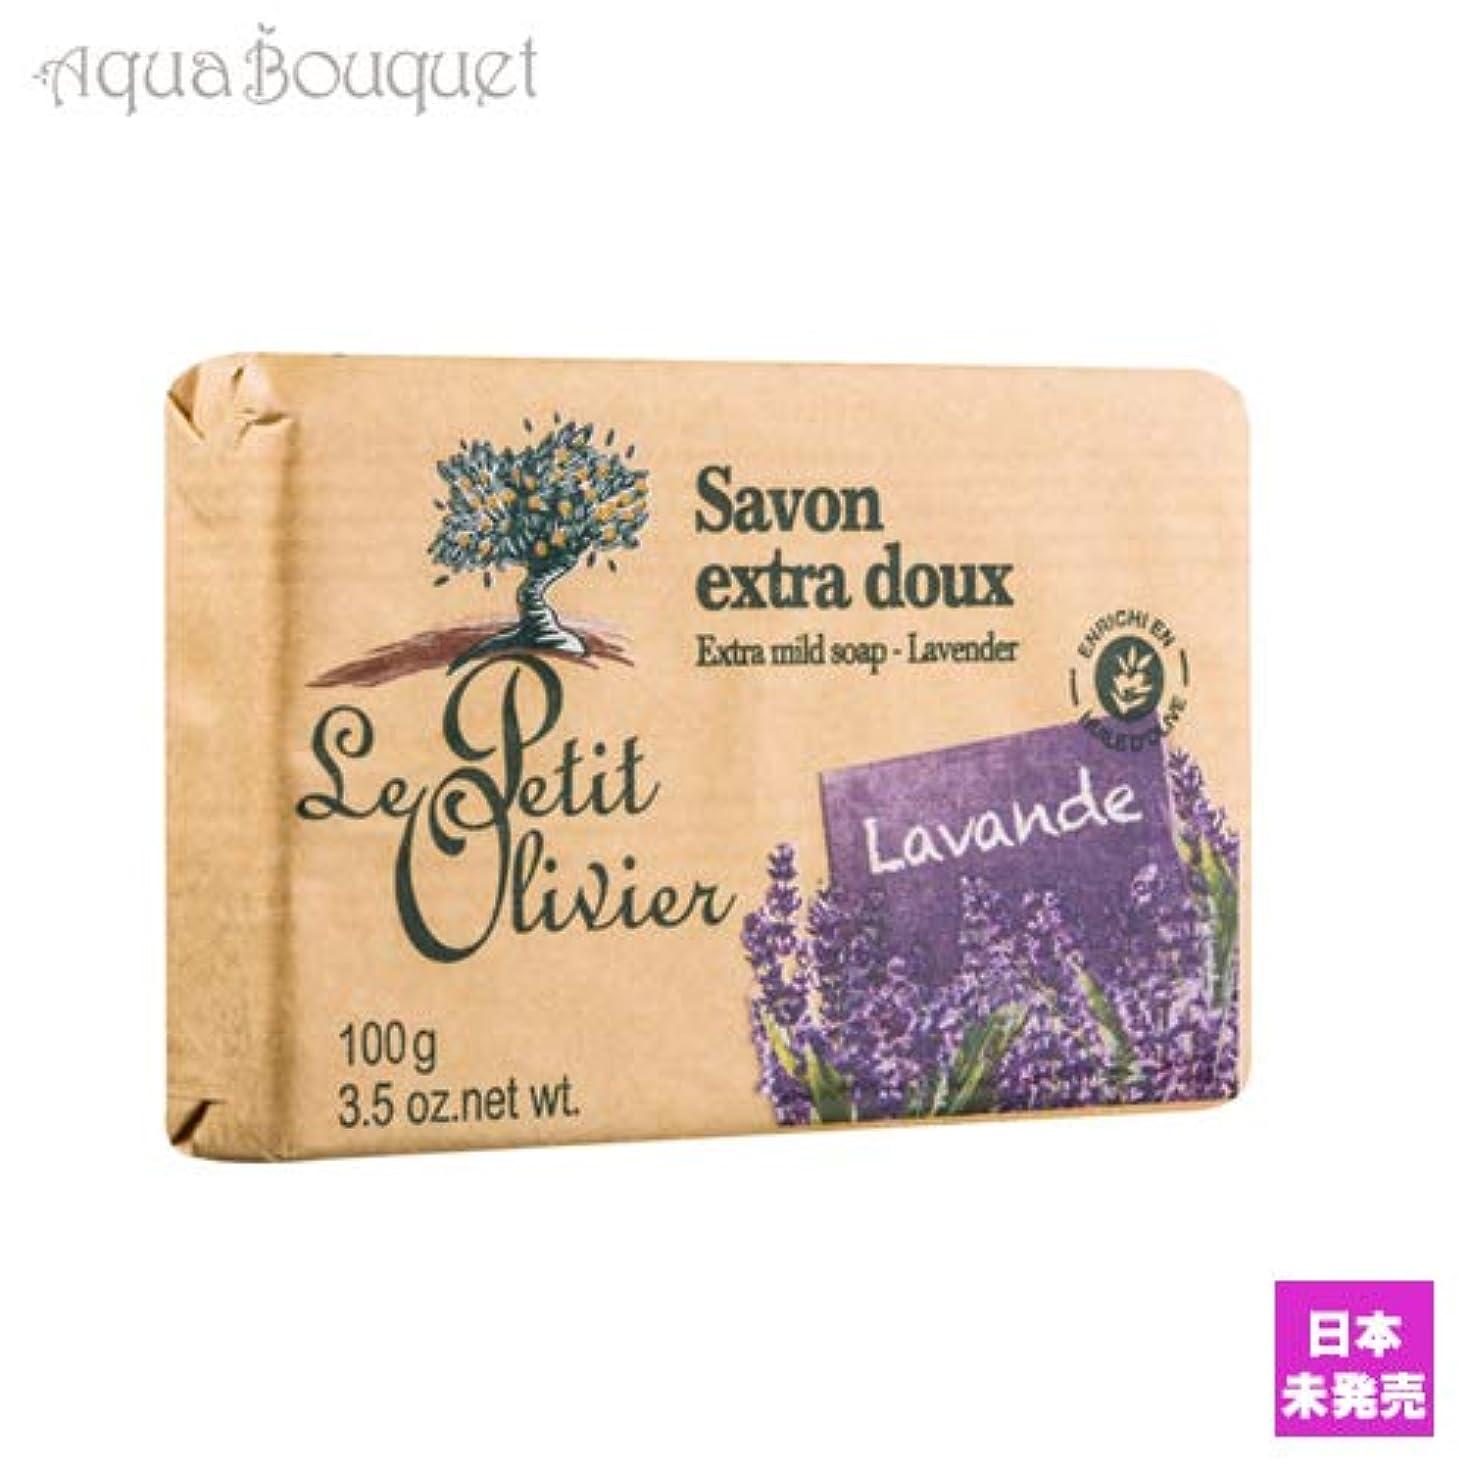 シンボルボーダー拳ル プティ オリヴィエ ラベンダー ソープ 100g LE PETIT OLIVIER SOAP LAVENDER [5325] [並行輸入品]